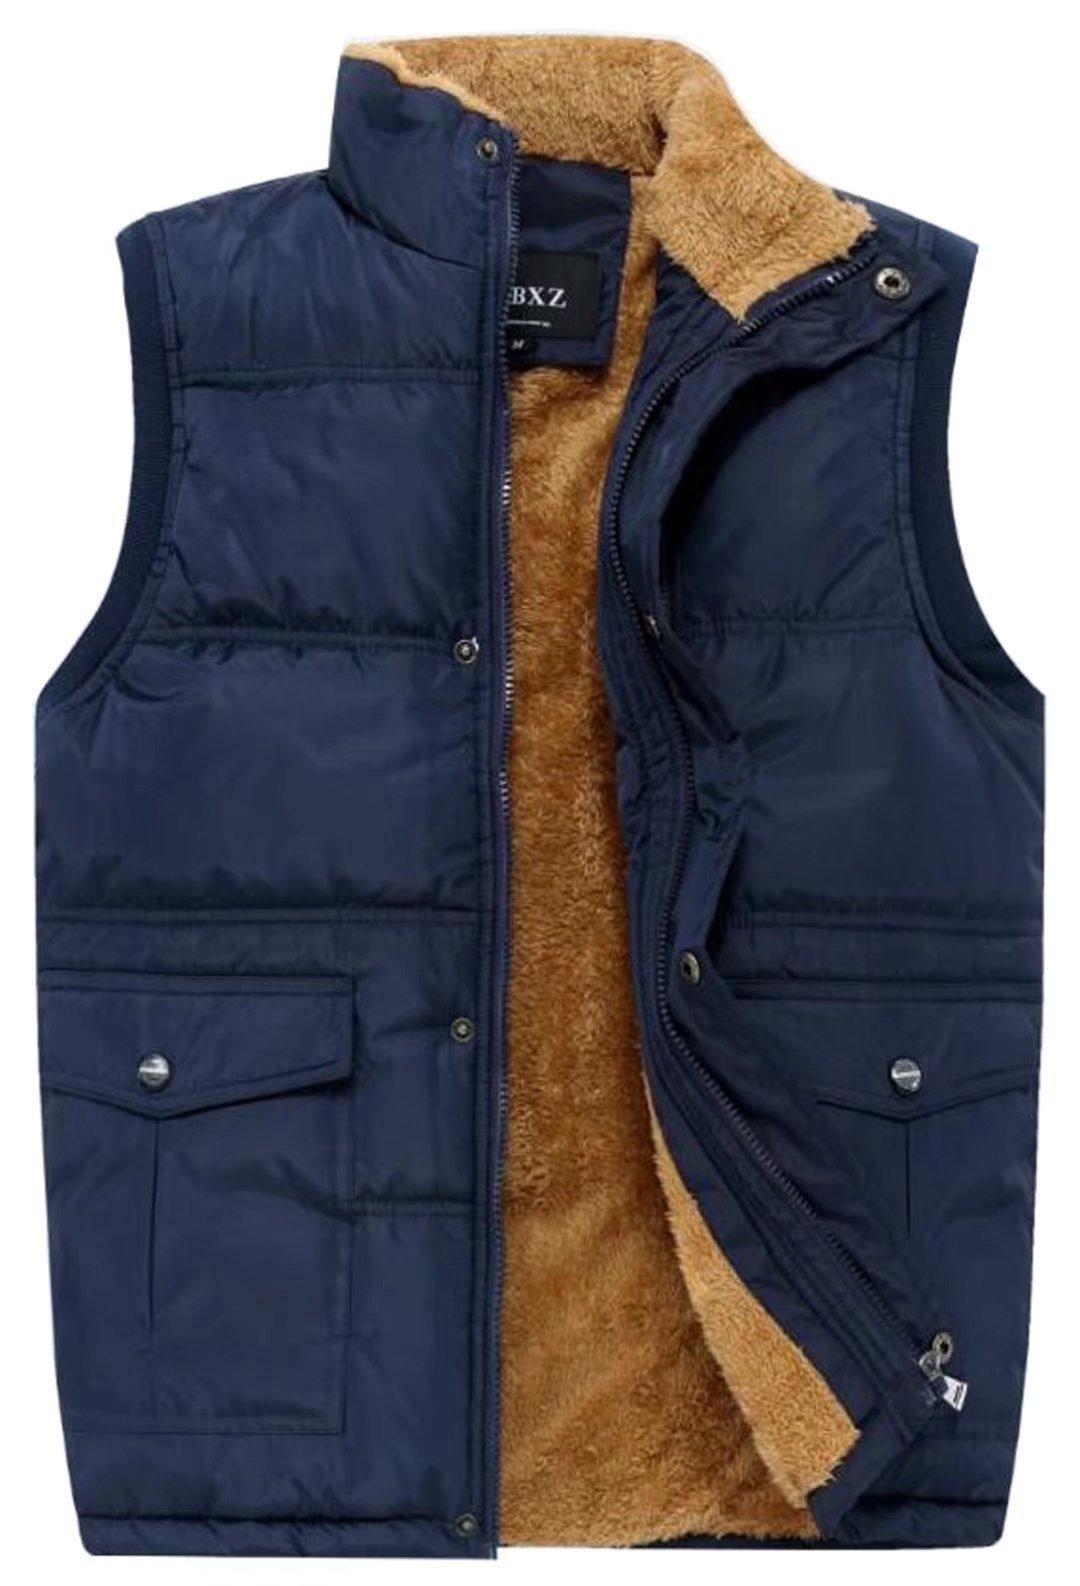 HOWON Men's Fleece Outerwear Vest (Gift Idea) Blue US XL/Asia 5XL